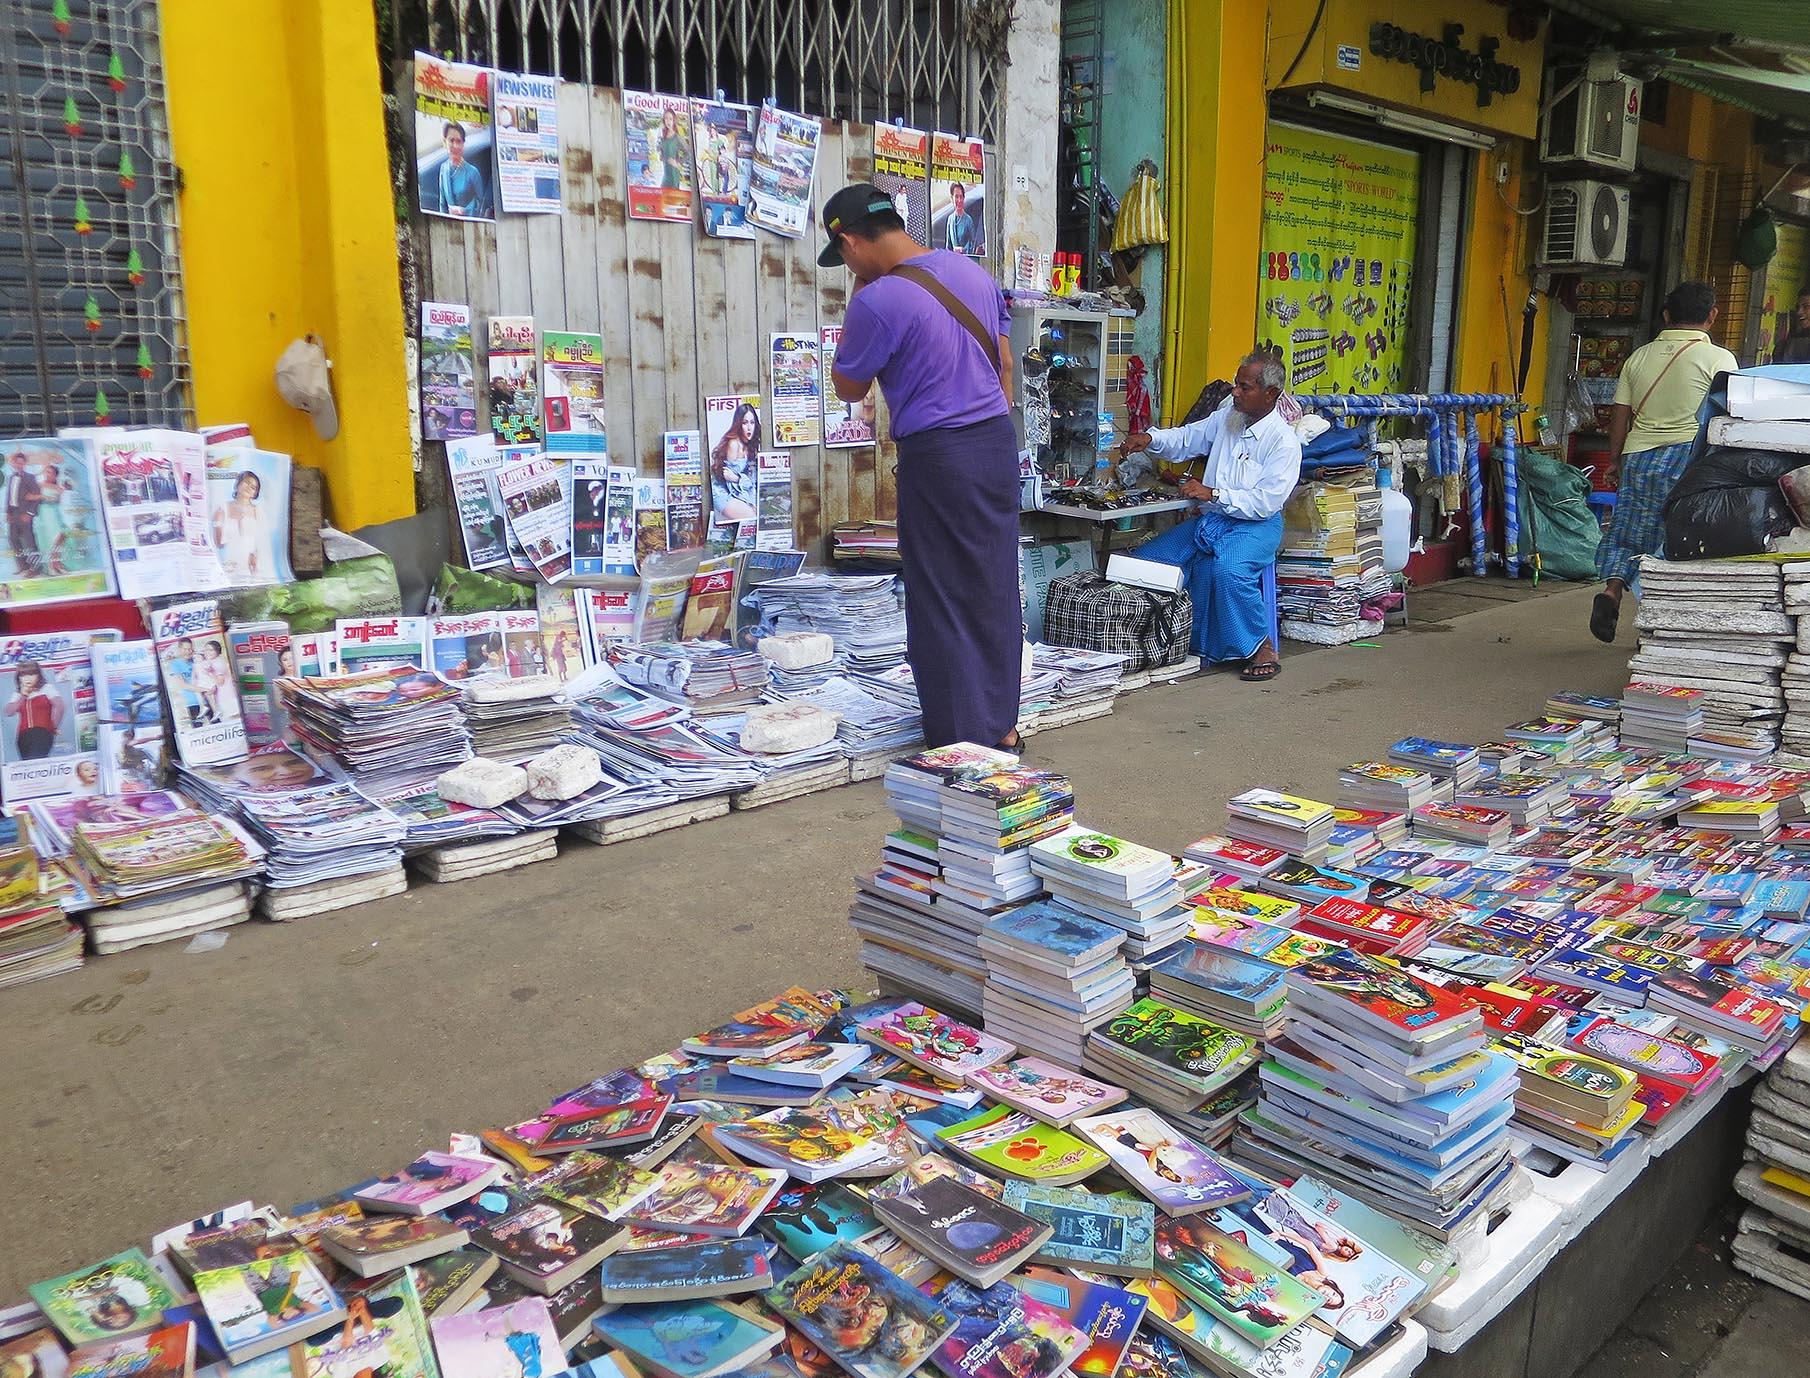 ヤンゴンには古本店が本当多い。特にダウンタウンでは、露店の古本商が目に付く。